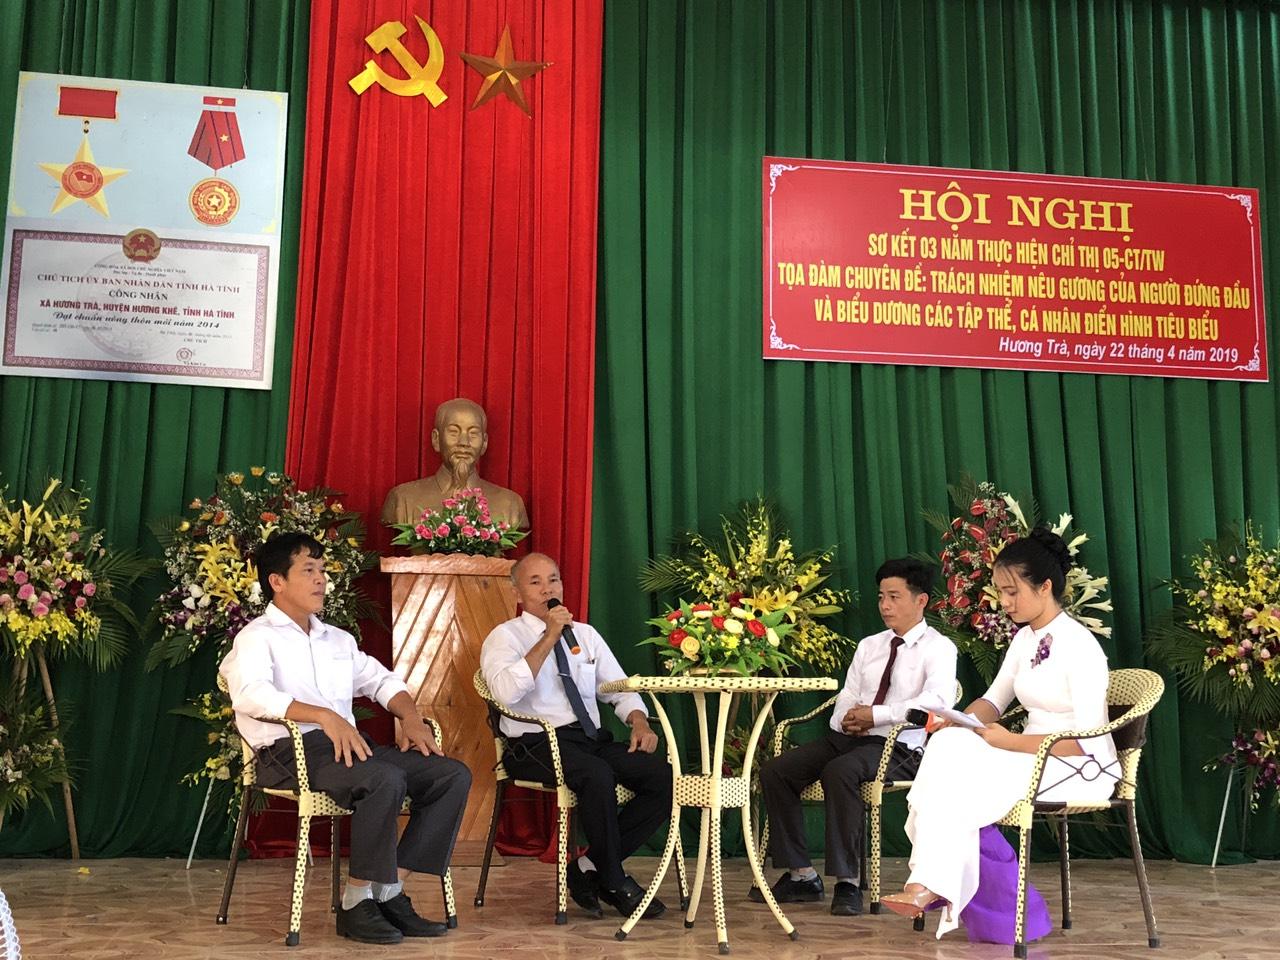 Đảng ủy xã Hương Trà tổ chức tọa đàm